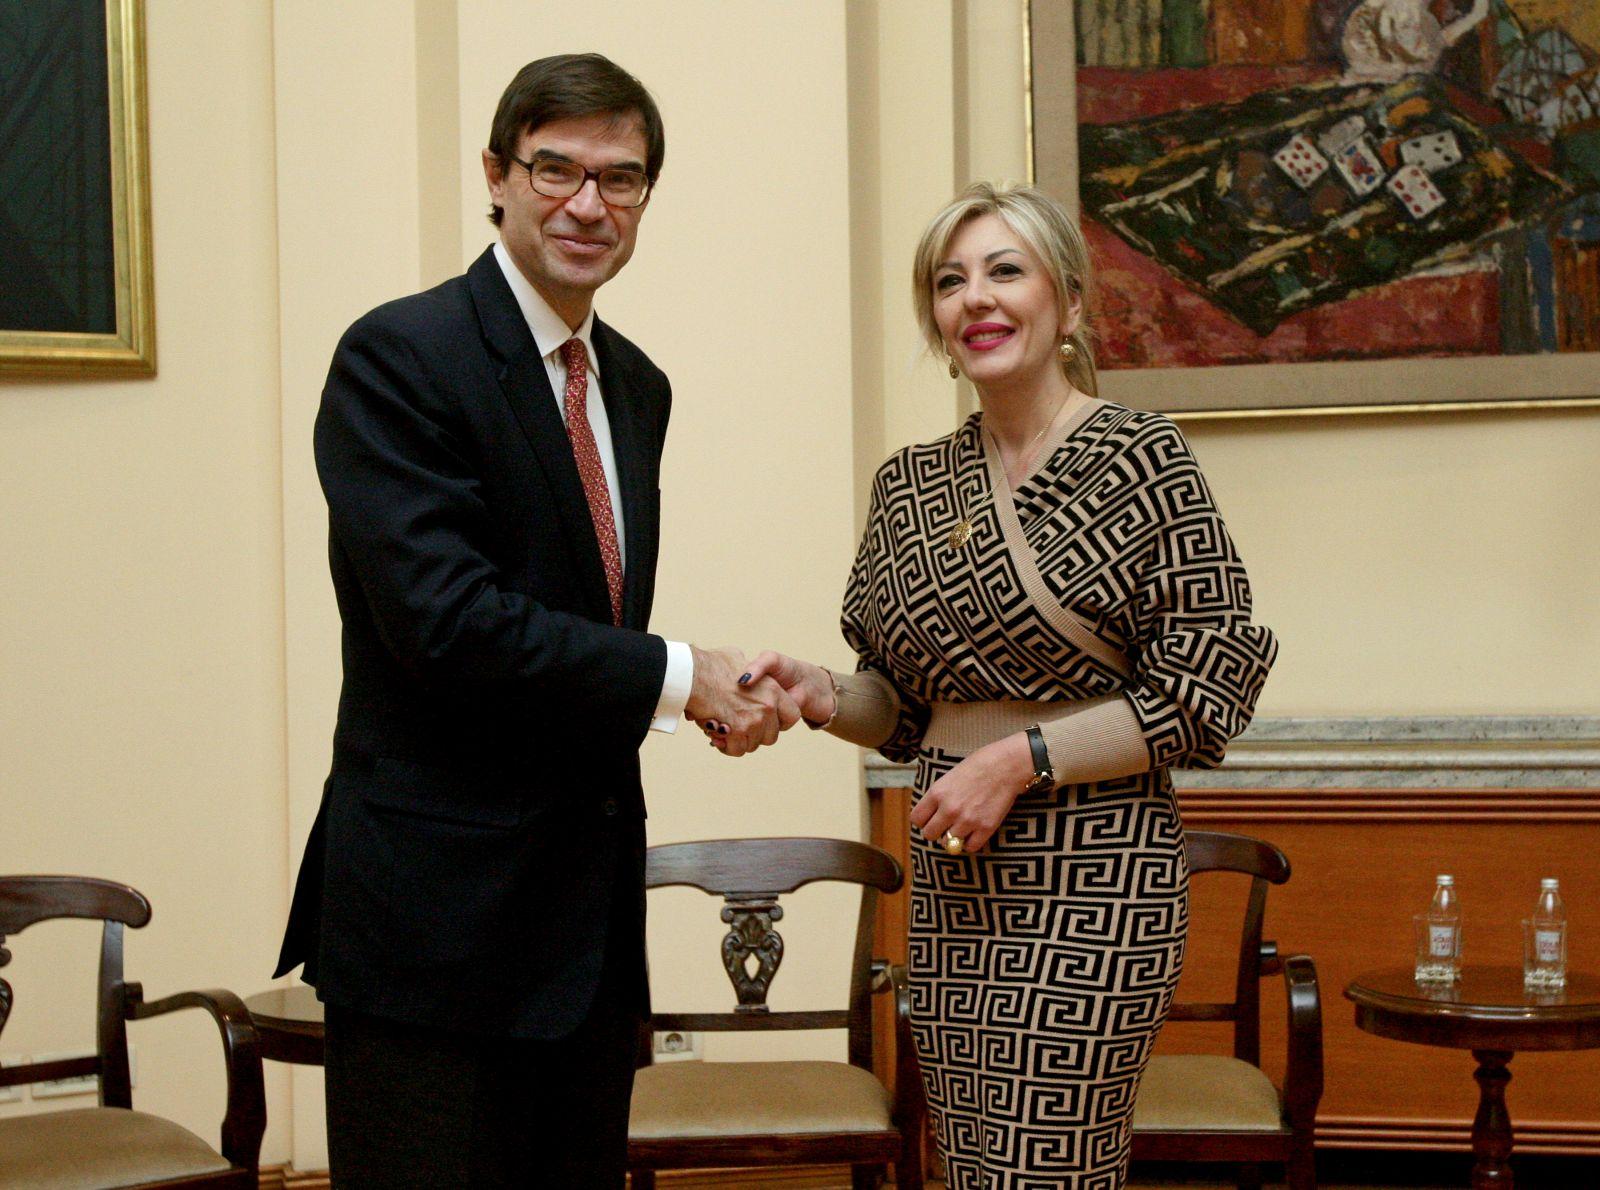 Ј. Јоксимовић и Гонзалес – Барба Перa: Шпанија искрено подржава европску будућност Србије